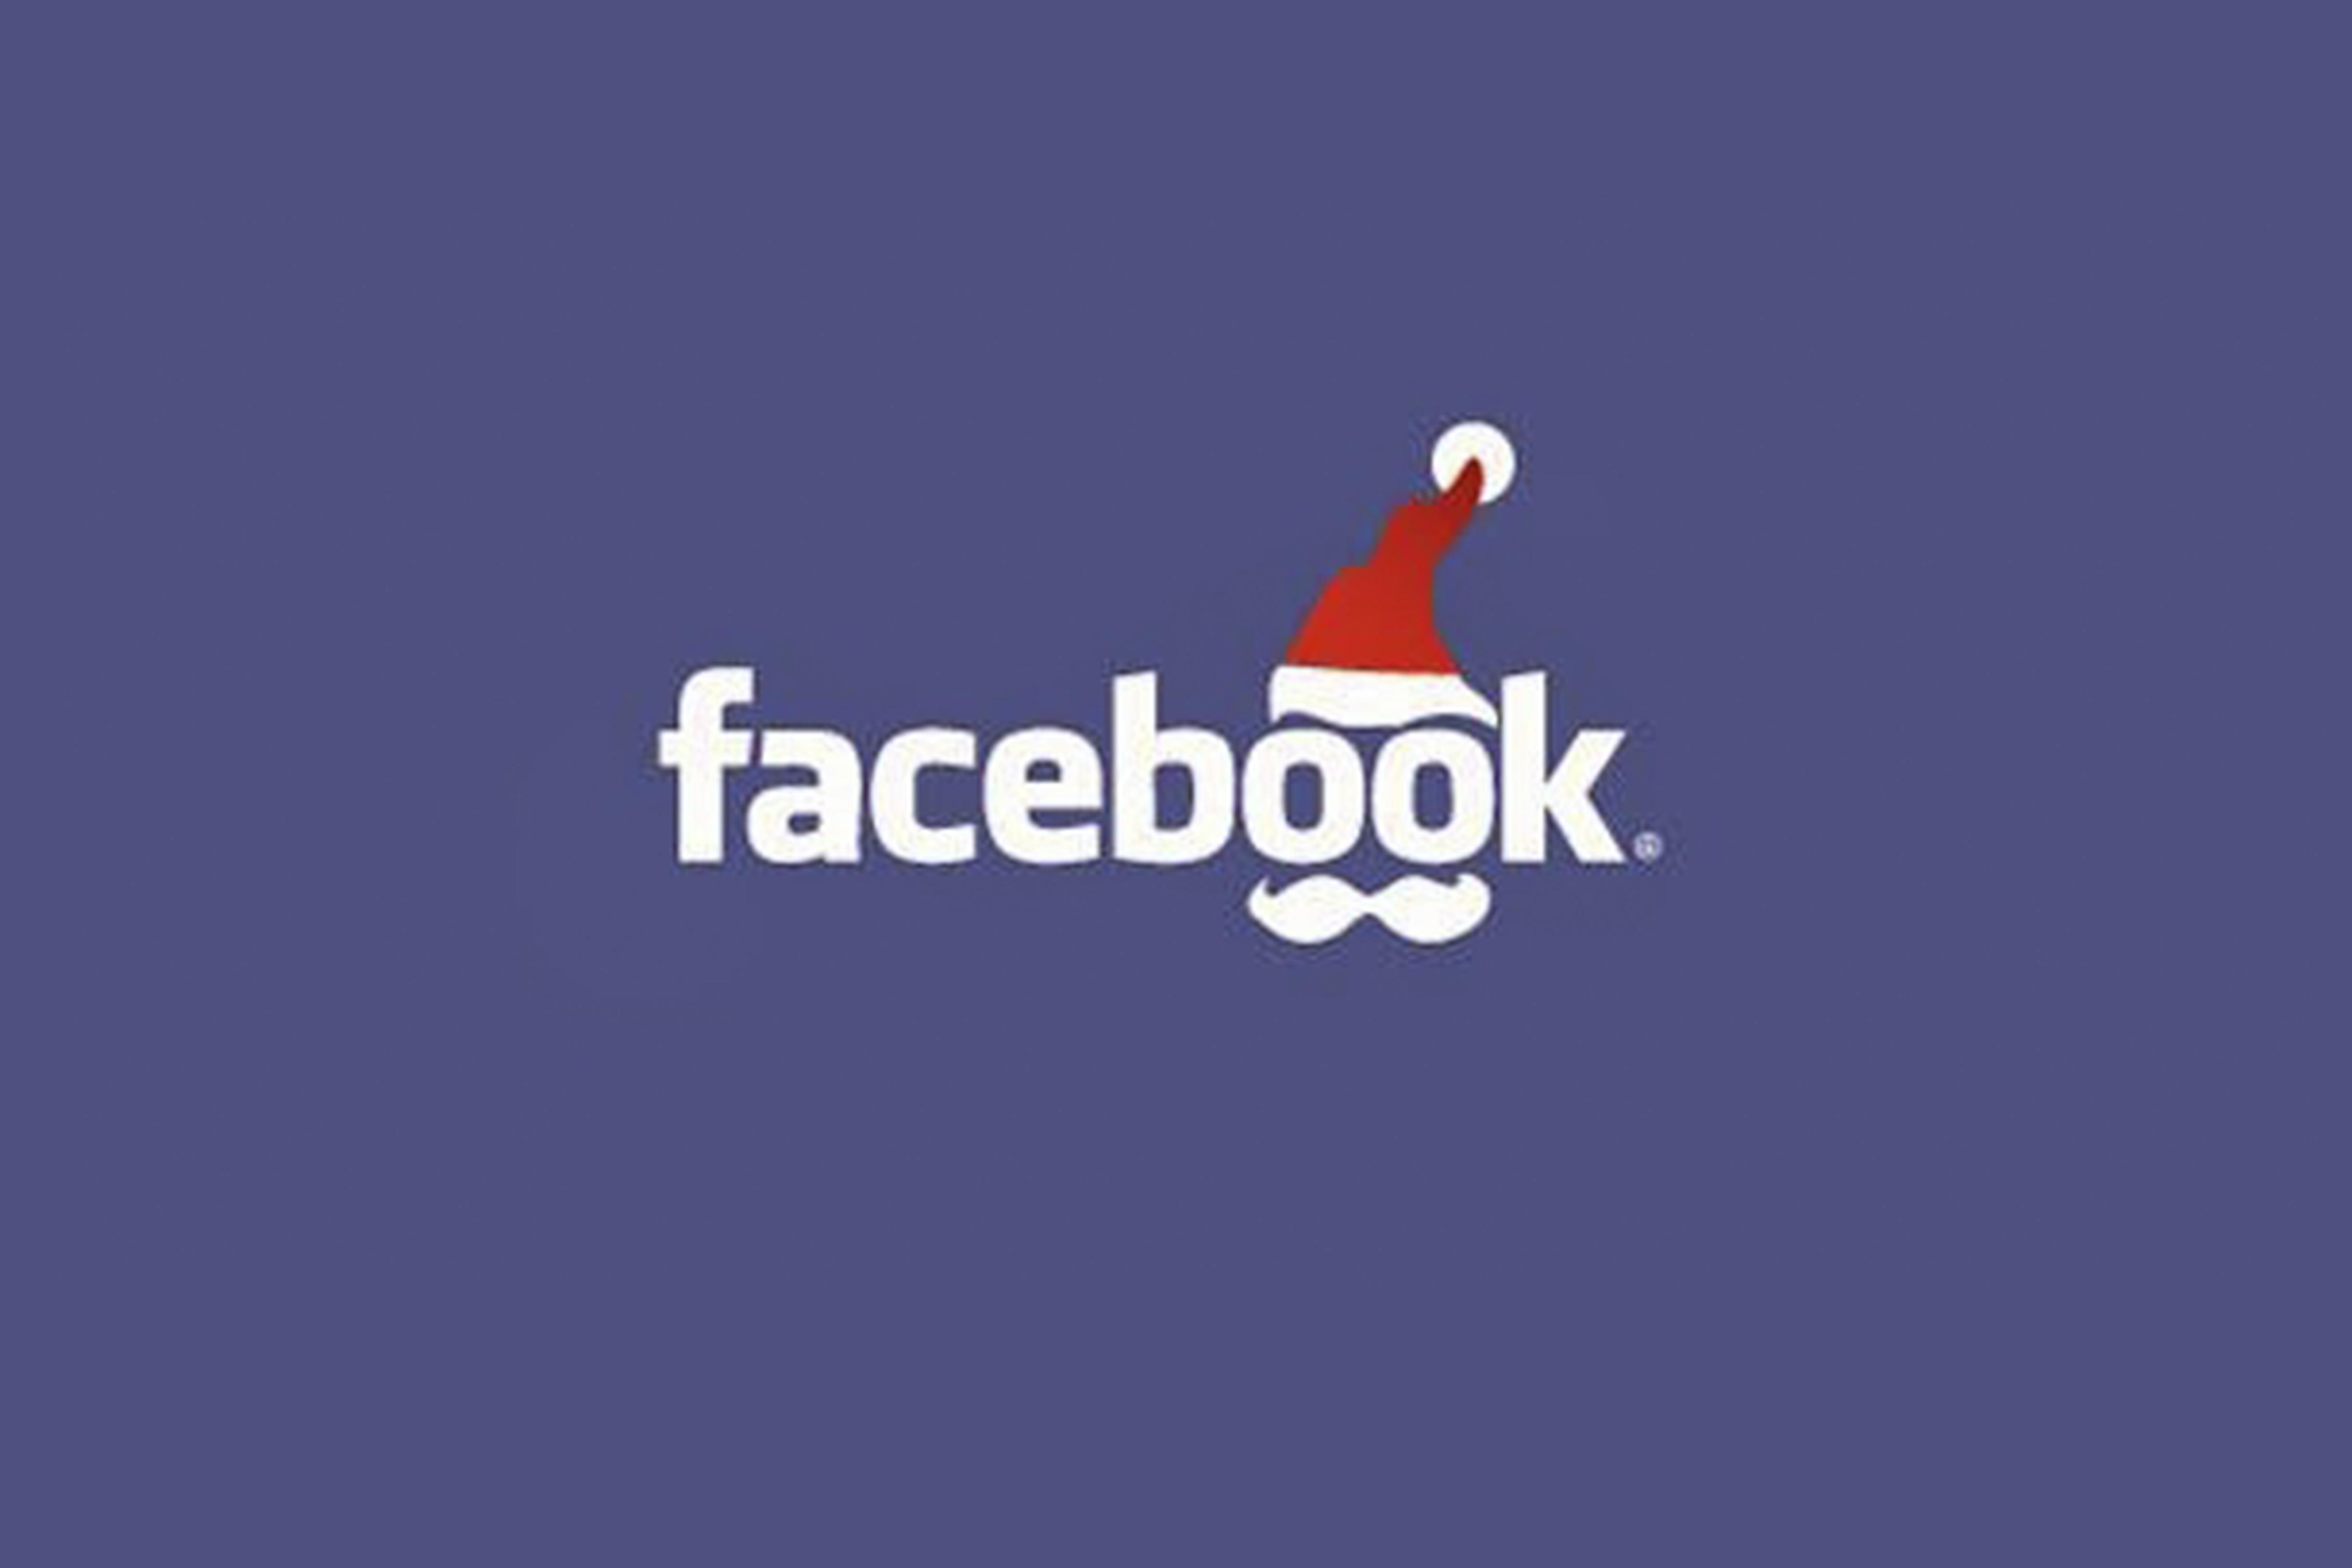 Как да получим повече продажби по време на празниците с Facebook маркетинг?